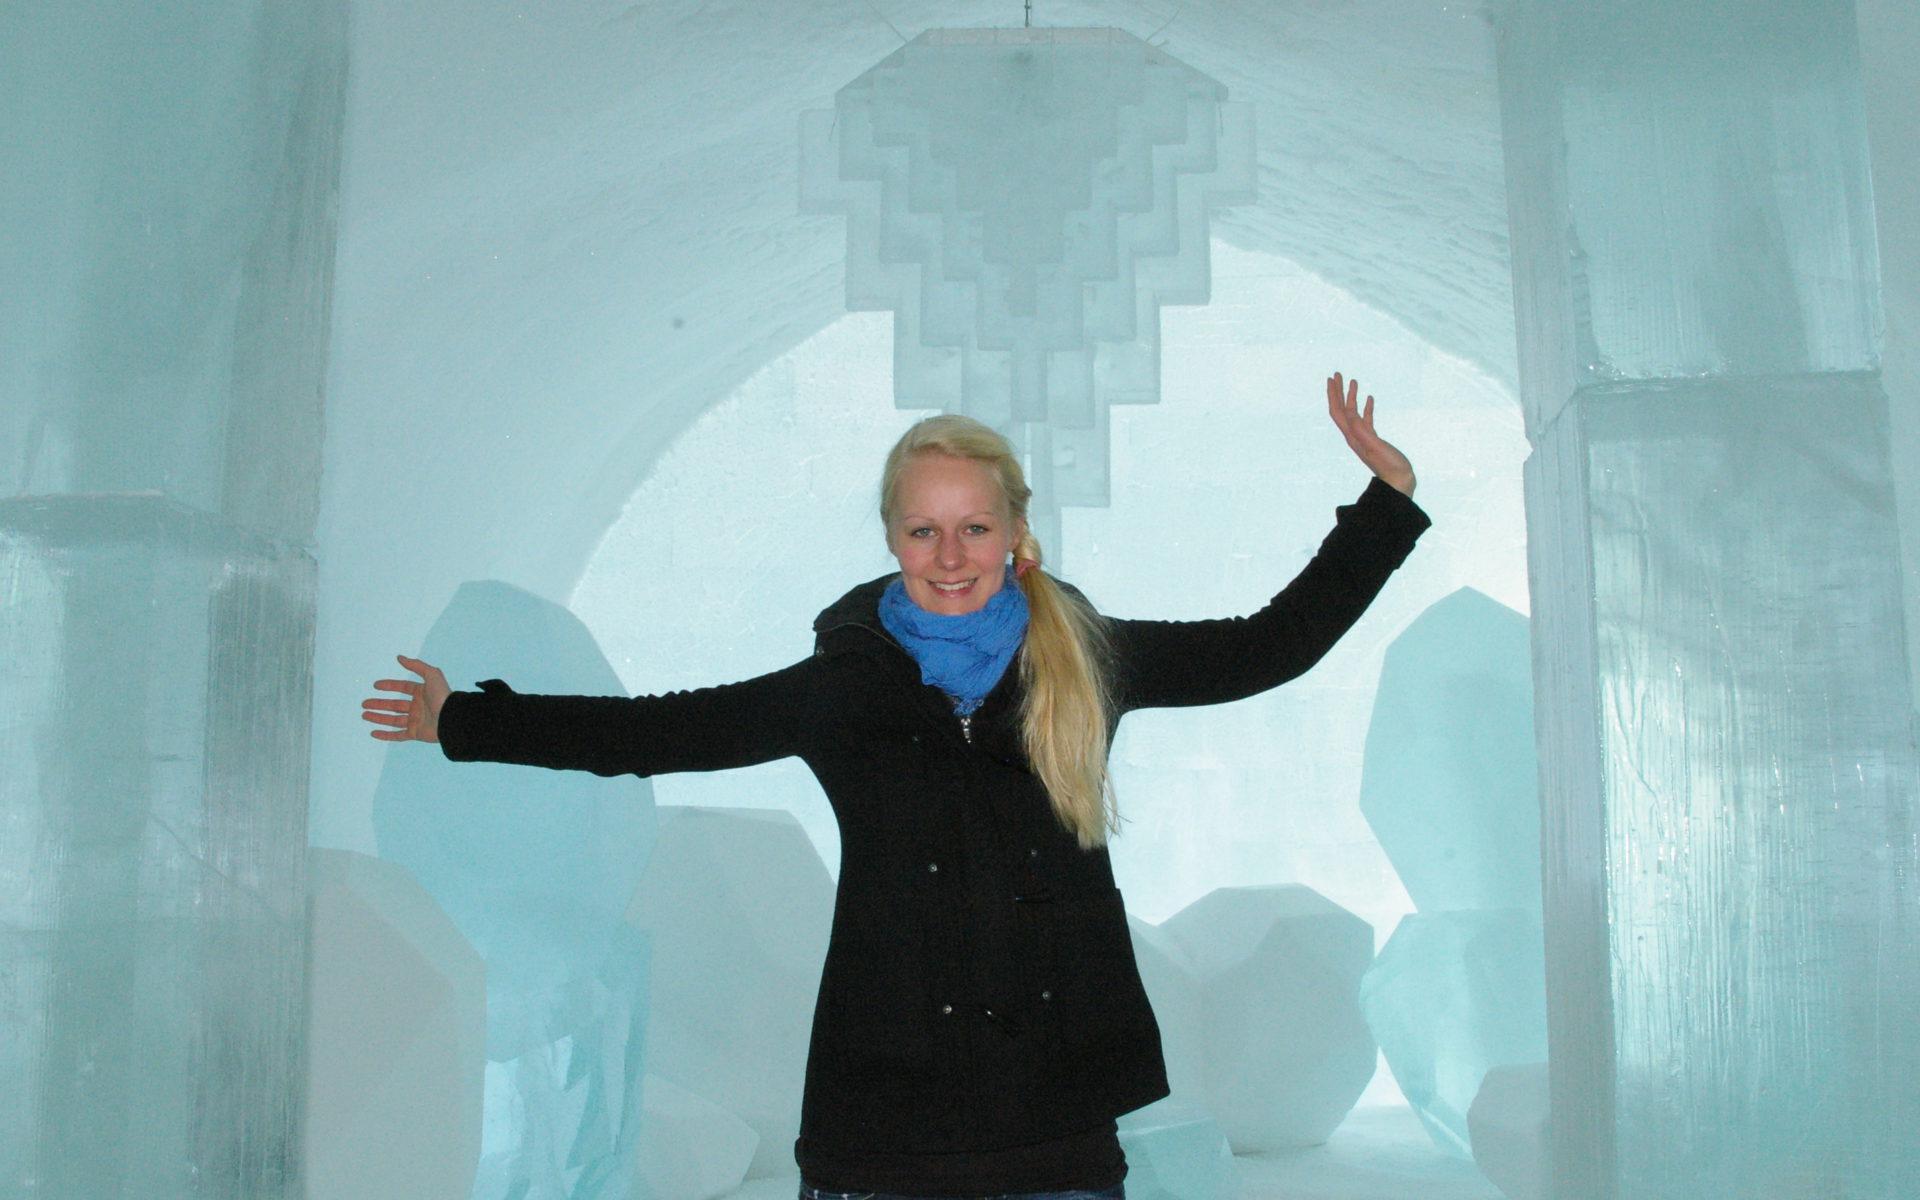 Birte steht im Eishotel Jukkasjärvi in Schweden. Im Hintergrund sieht man einen Kronleuchter aus Eis.